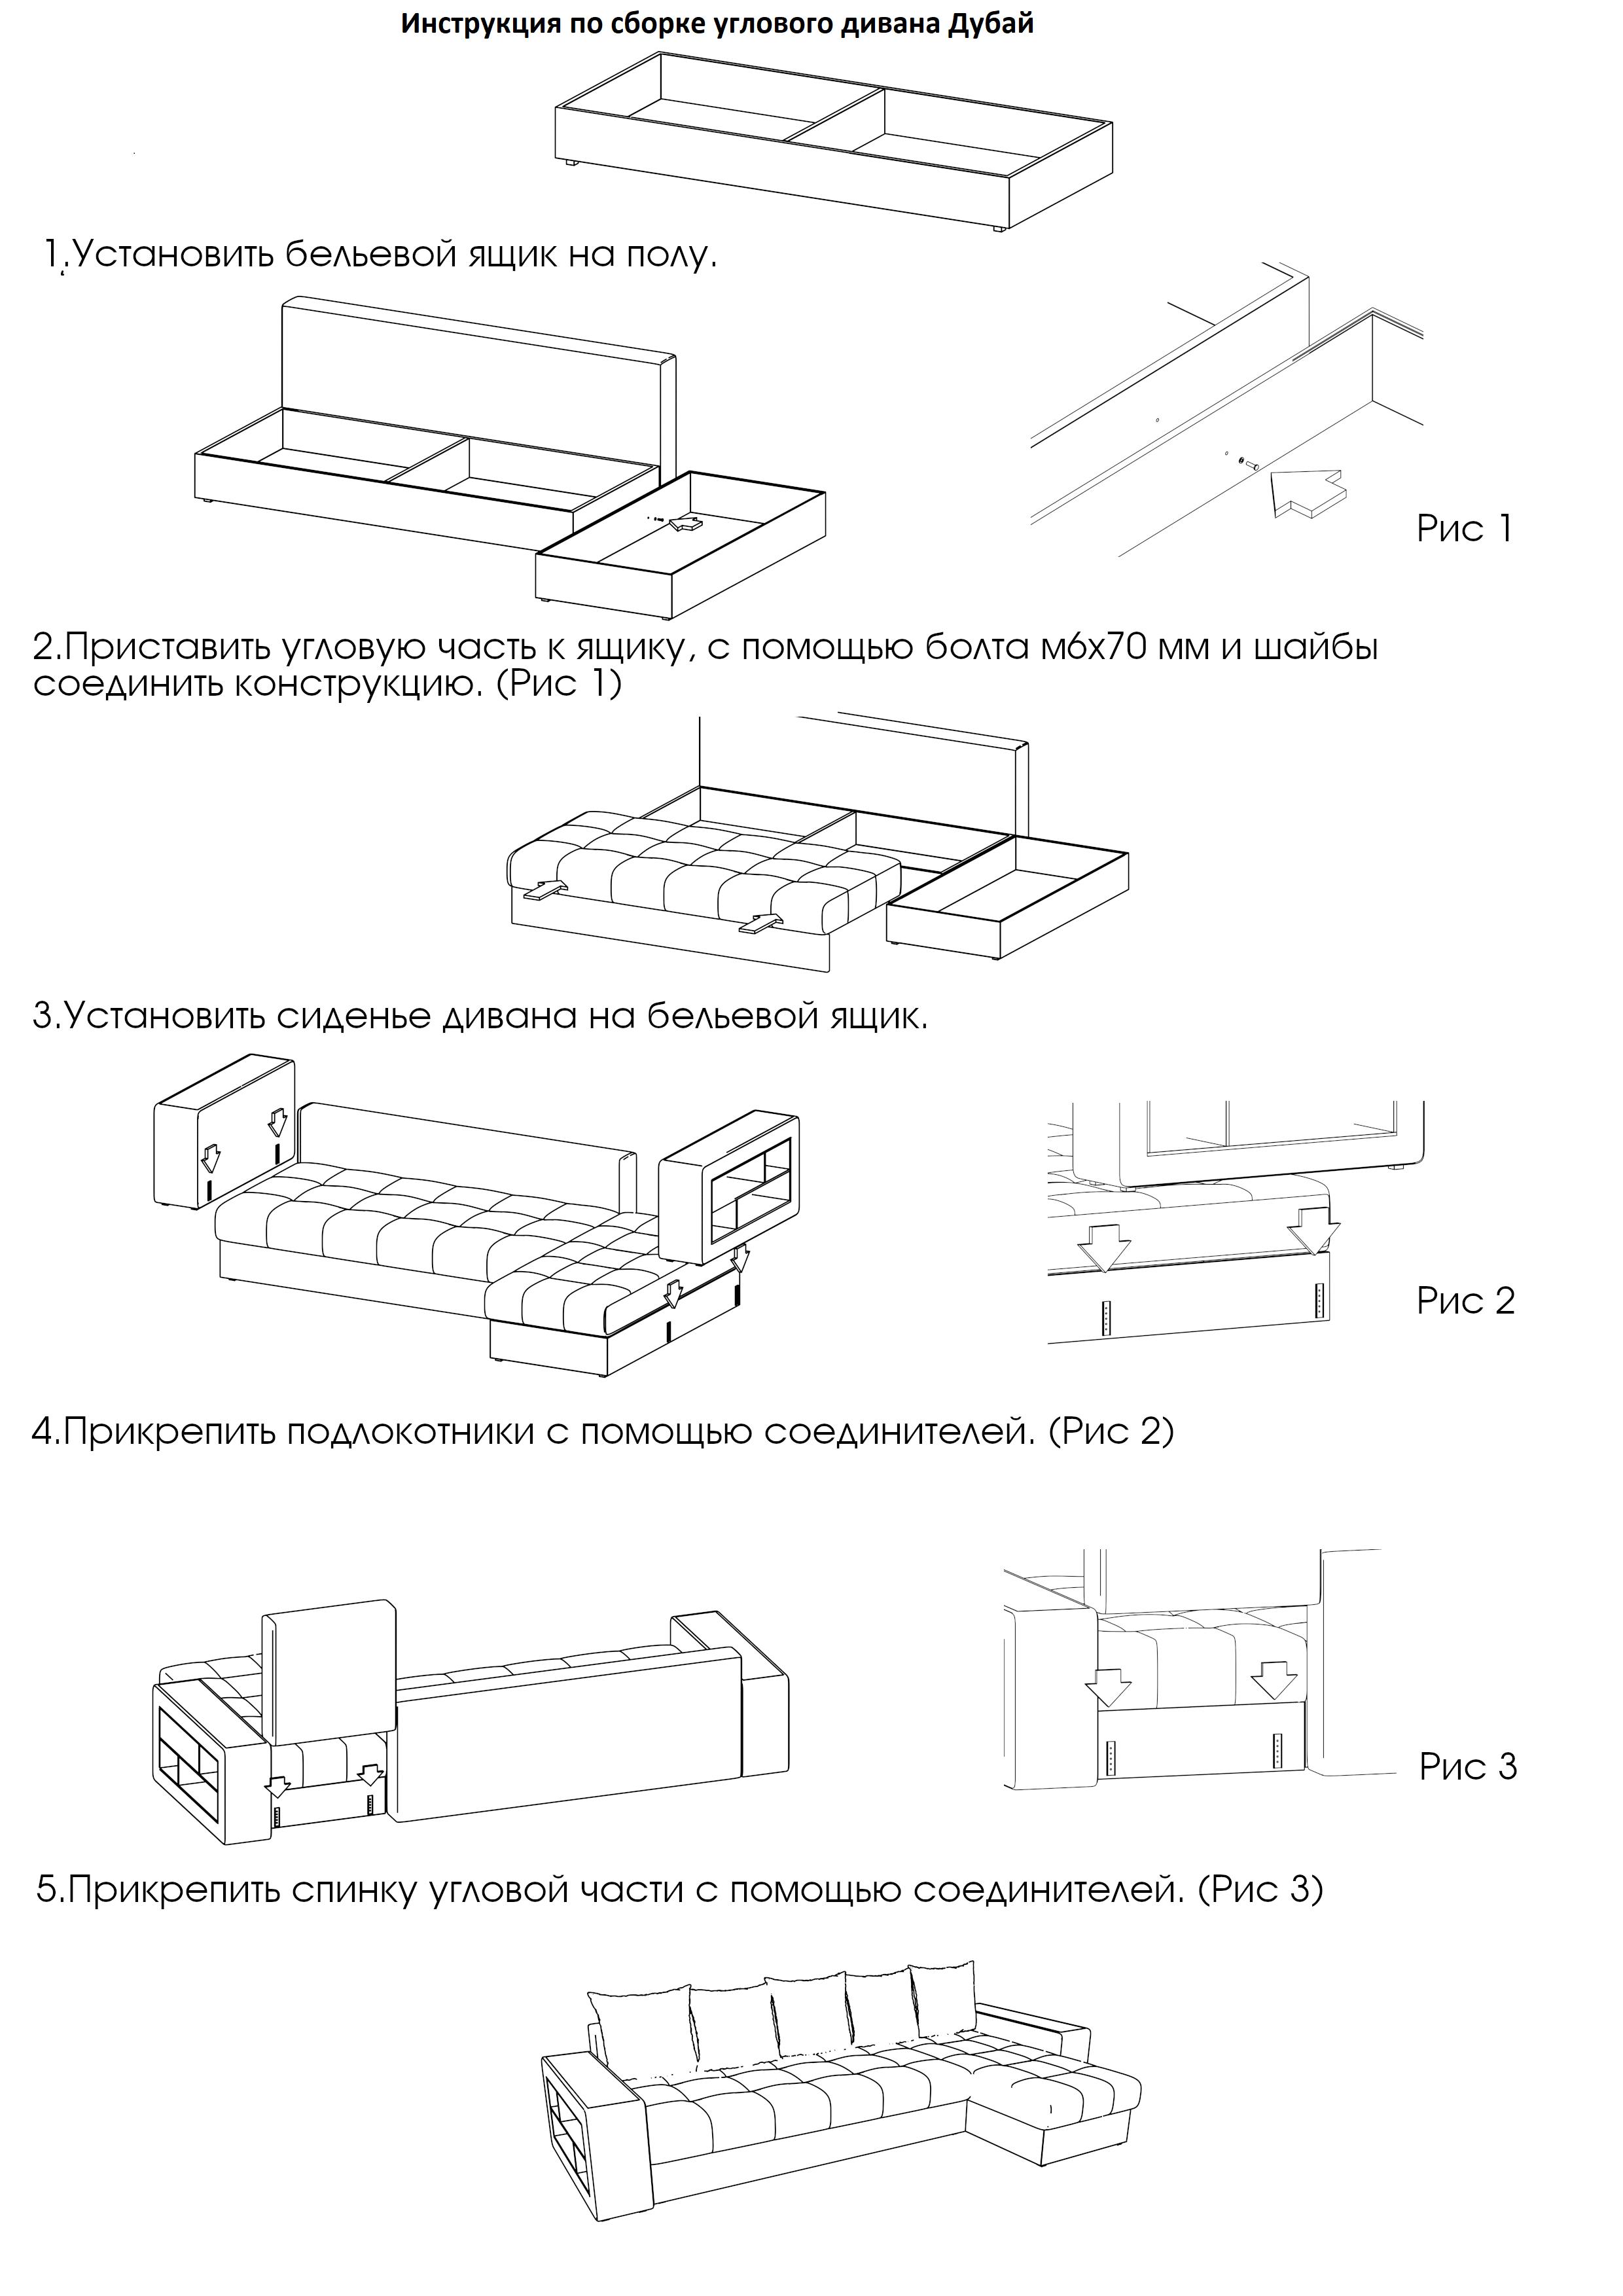 Инструкция сборки дивана дубай аренда недвижимости за рубежом